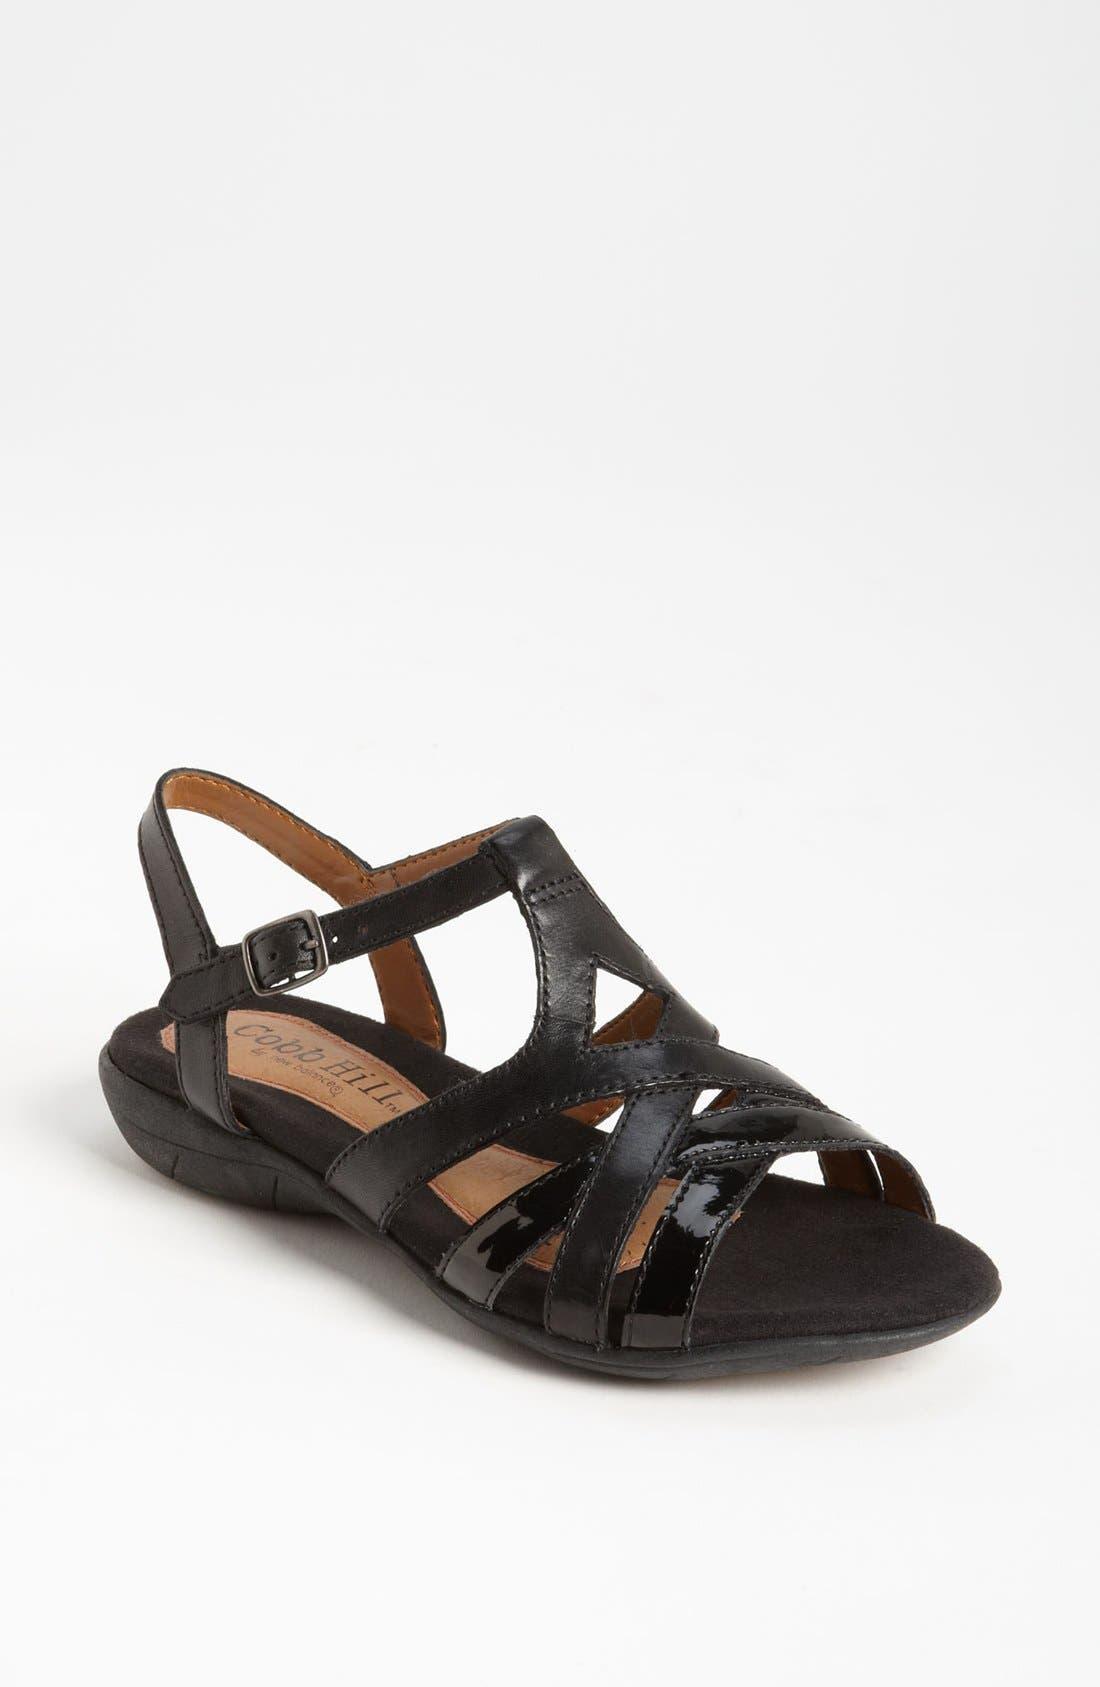 Alternate Image 1 Selected - Cobb Hill 'Willette' Sandal